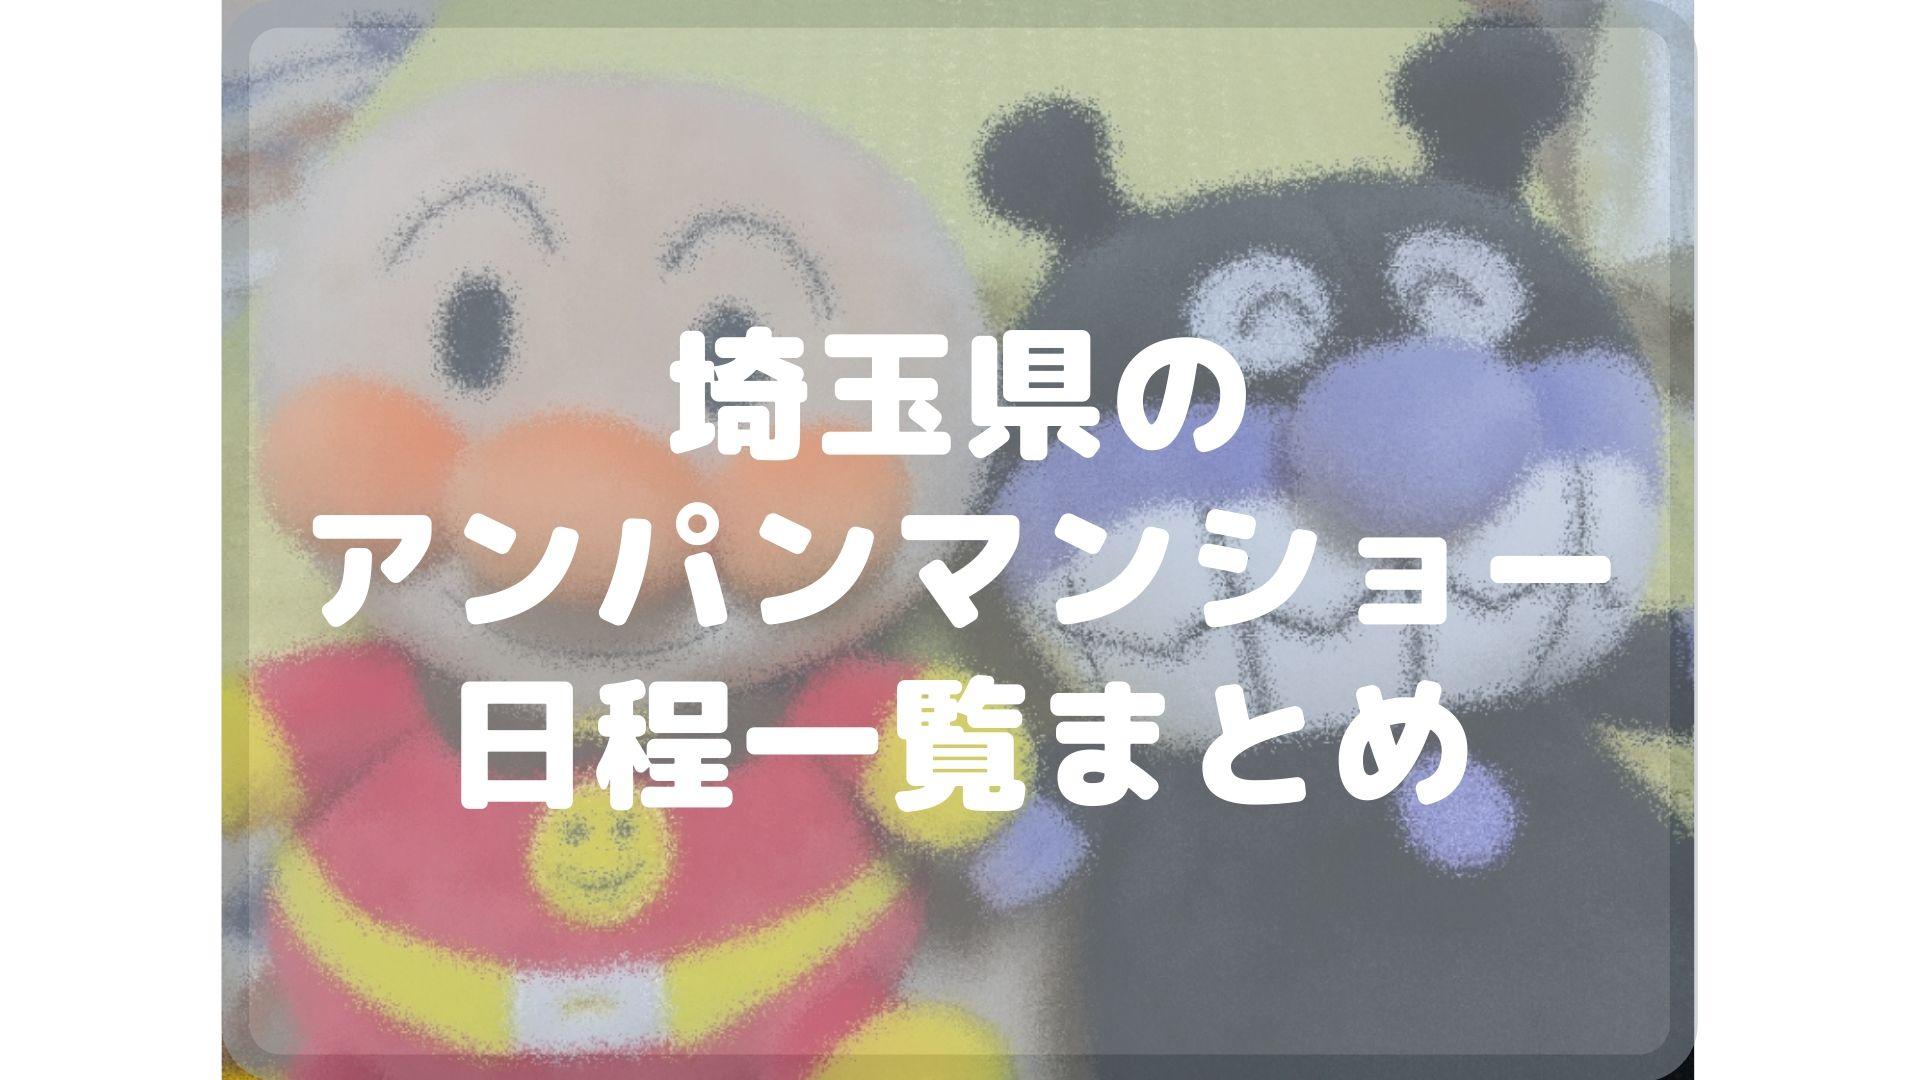 埼玉県のアンパンマンショーまとめタイトル画像